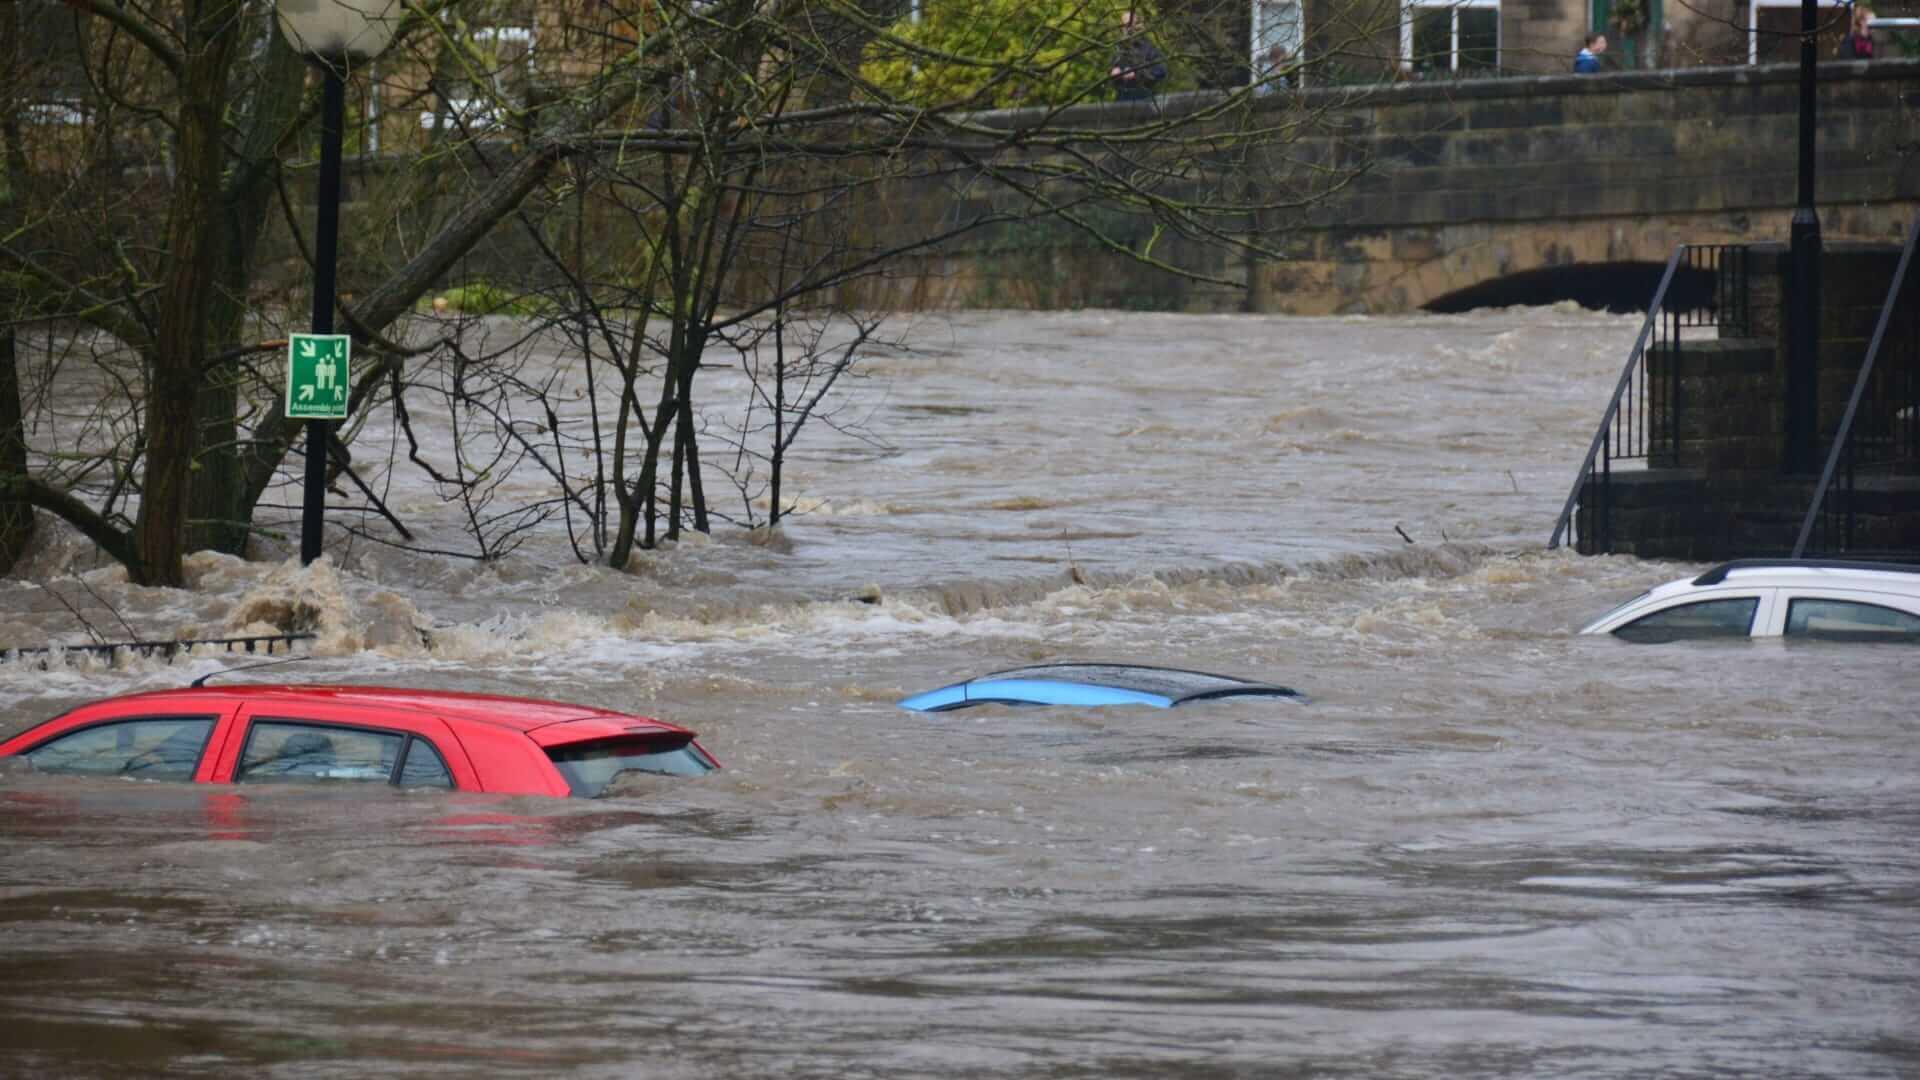 Wateroverlast, watersnood, waterschade, overstromingen, verzekering, Maes Group, Verzekeringen, Diest, online, verzekeringsmakelaar, schade